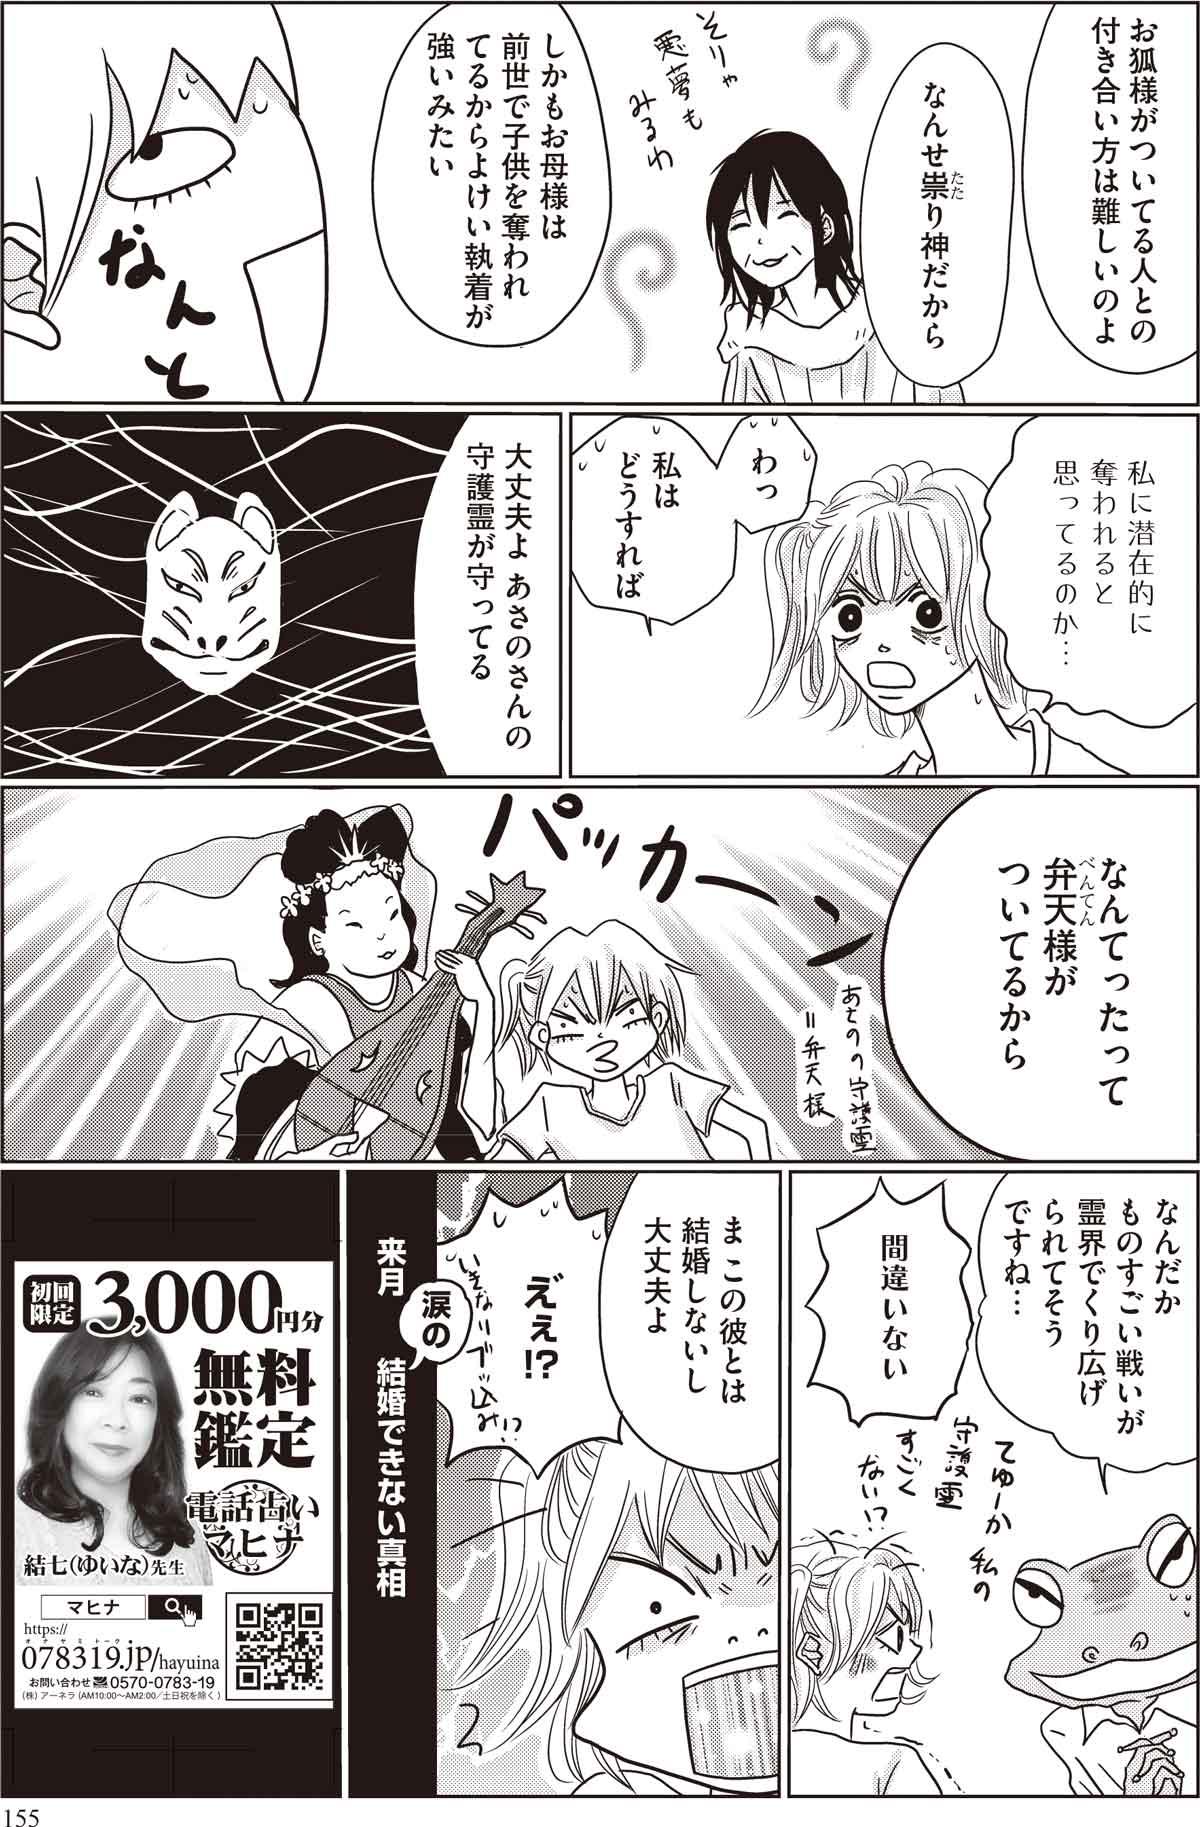 結七先生漫画4